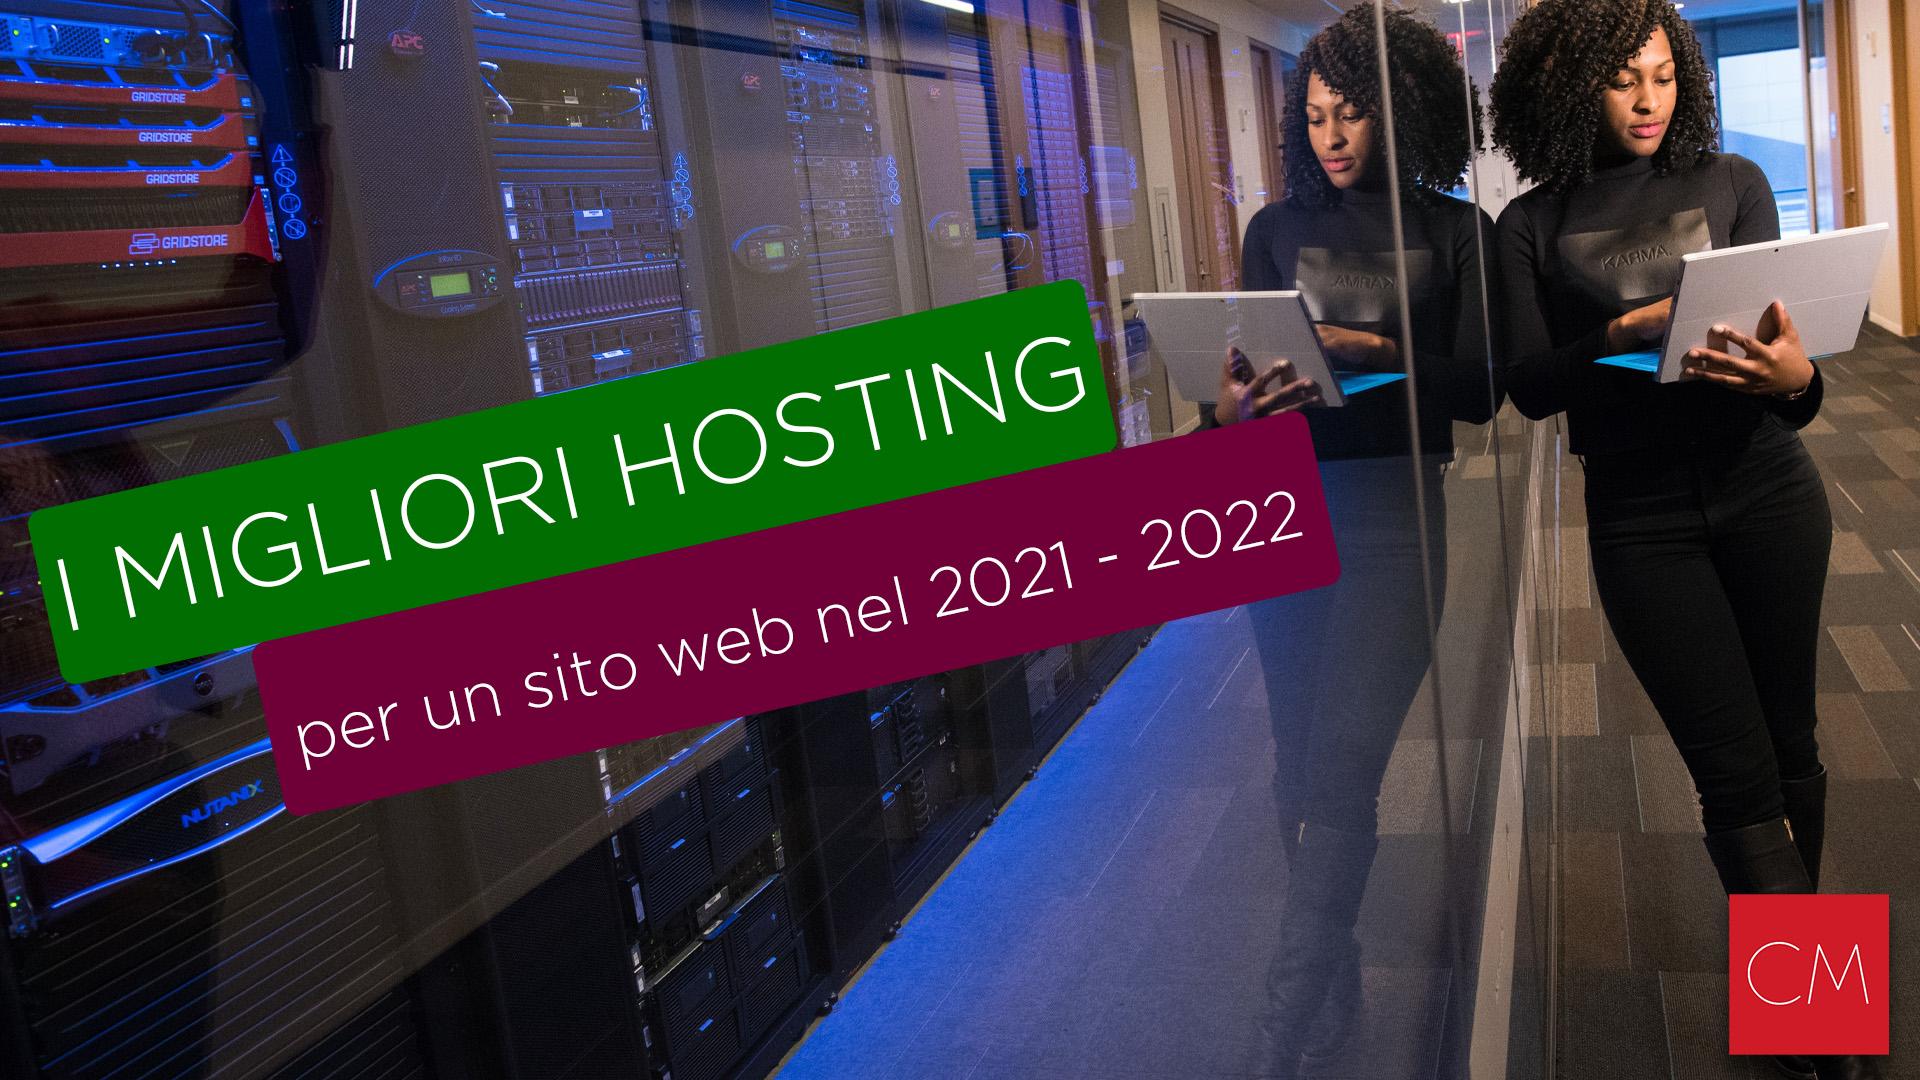 I Migliori Hosting per Un Sito Web nel 2021 – 2022